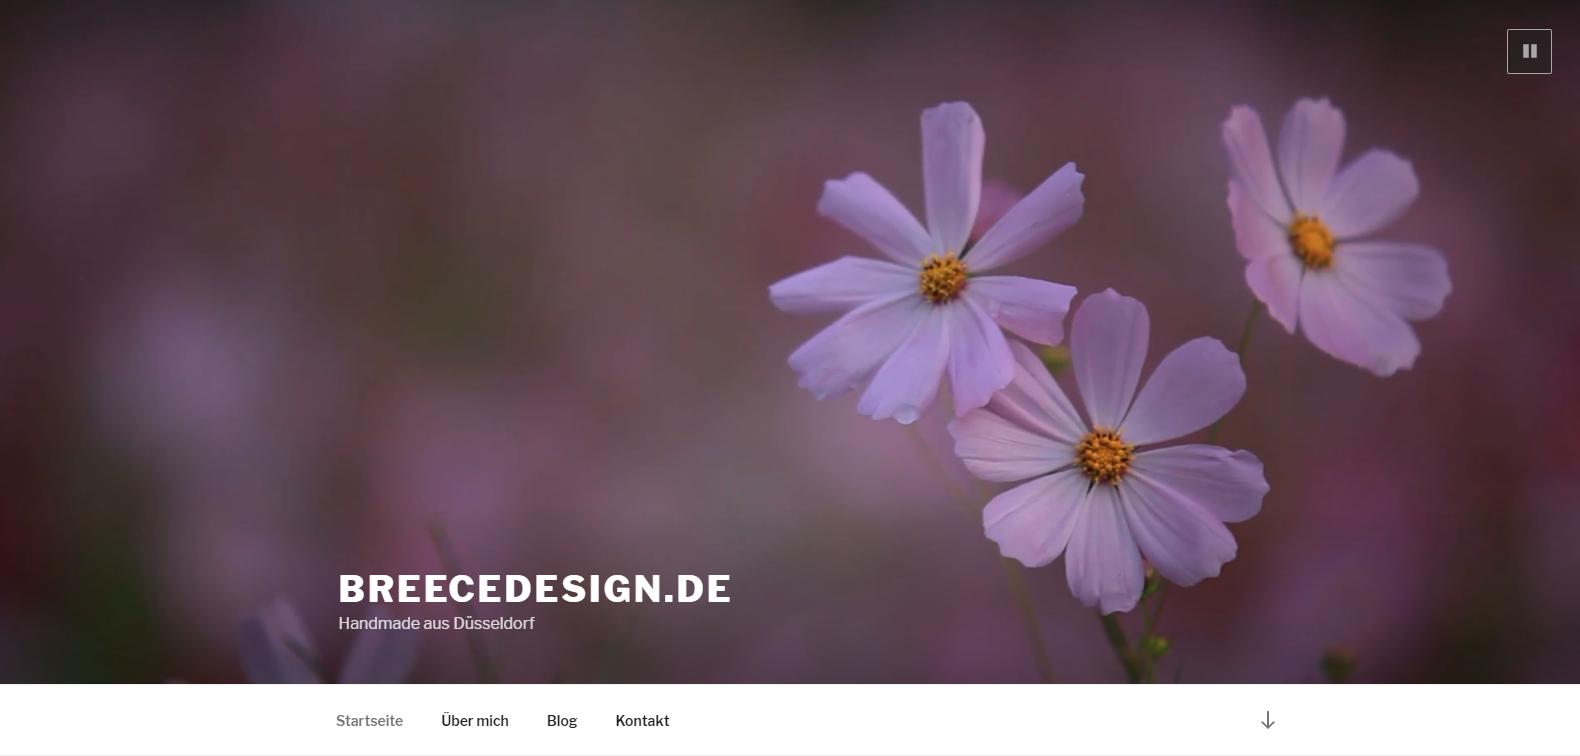 breecedesign.com